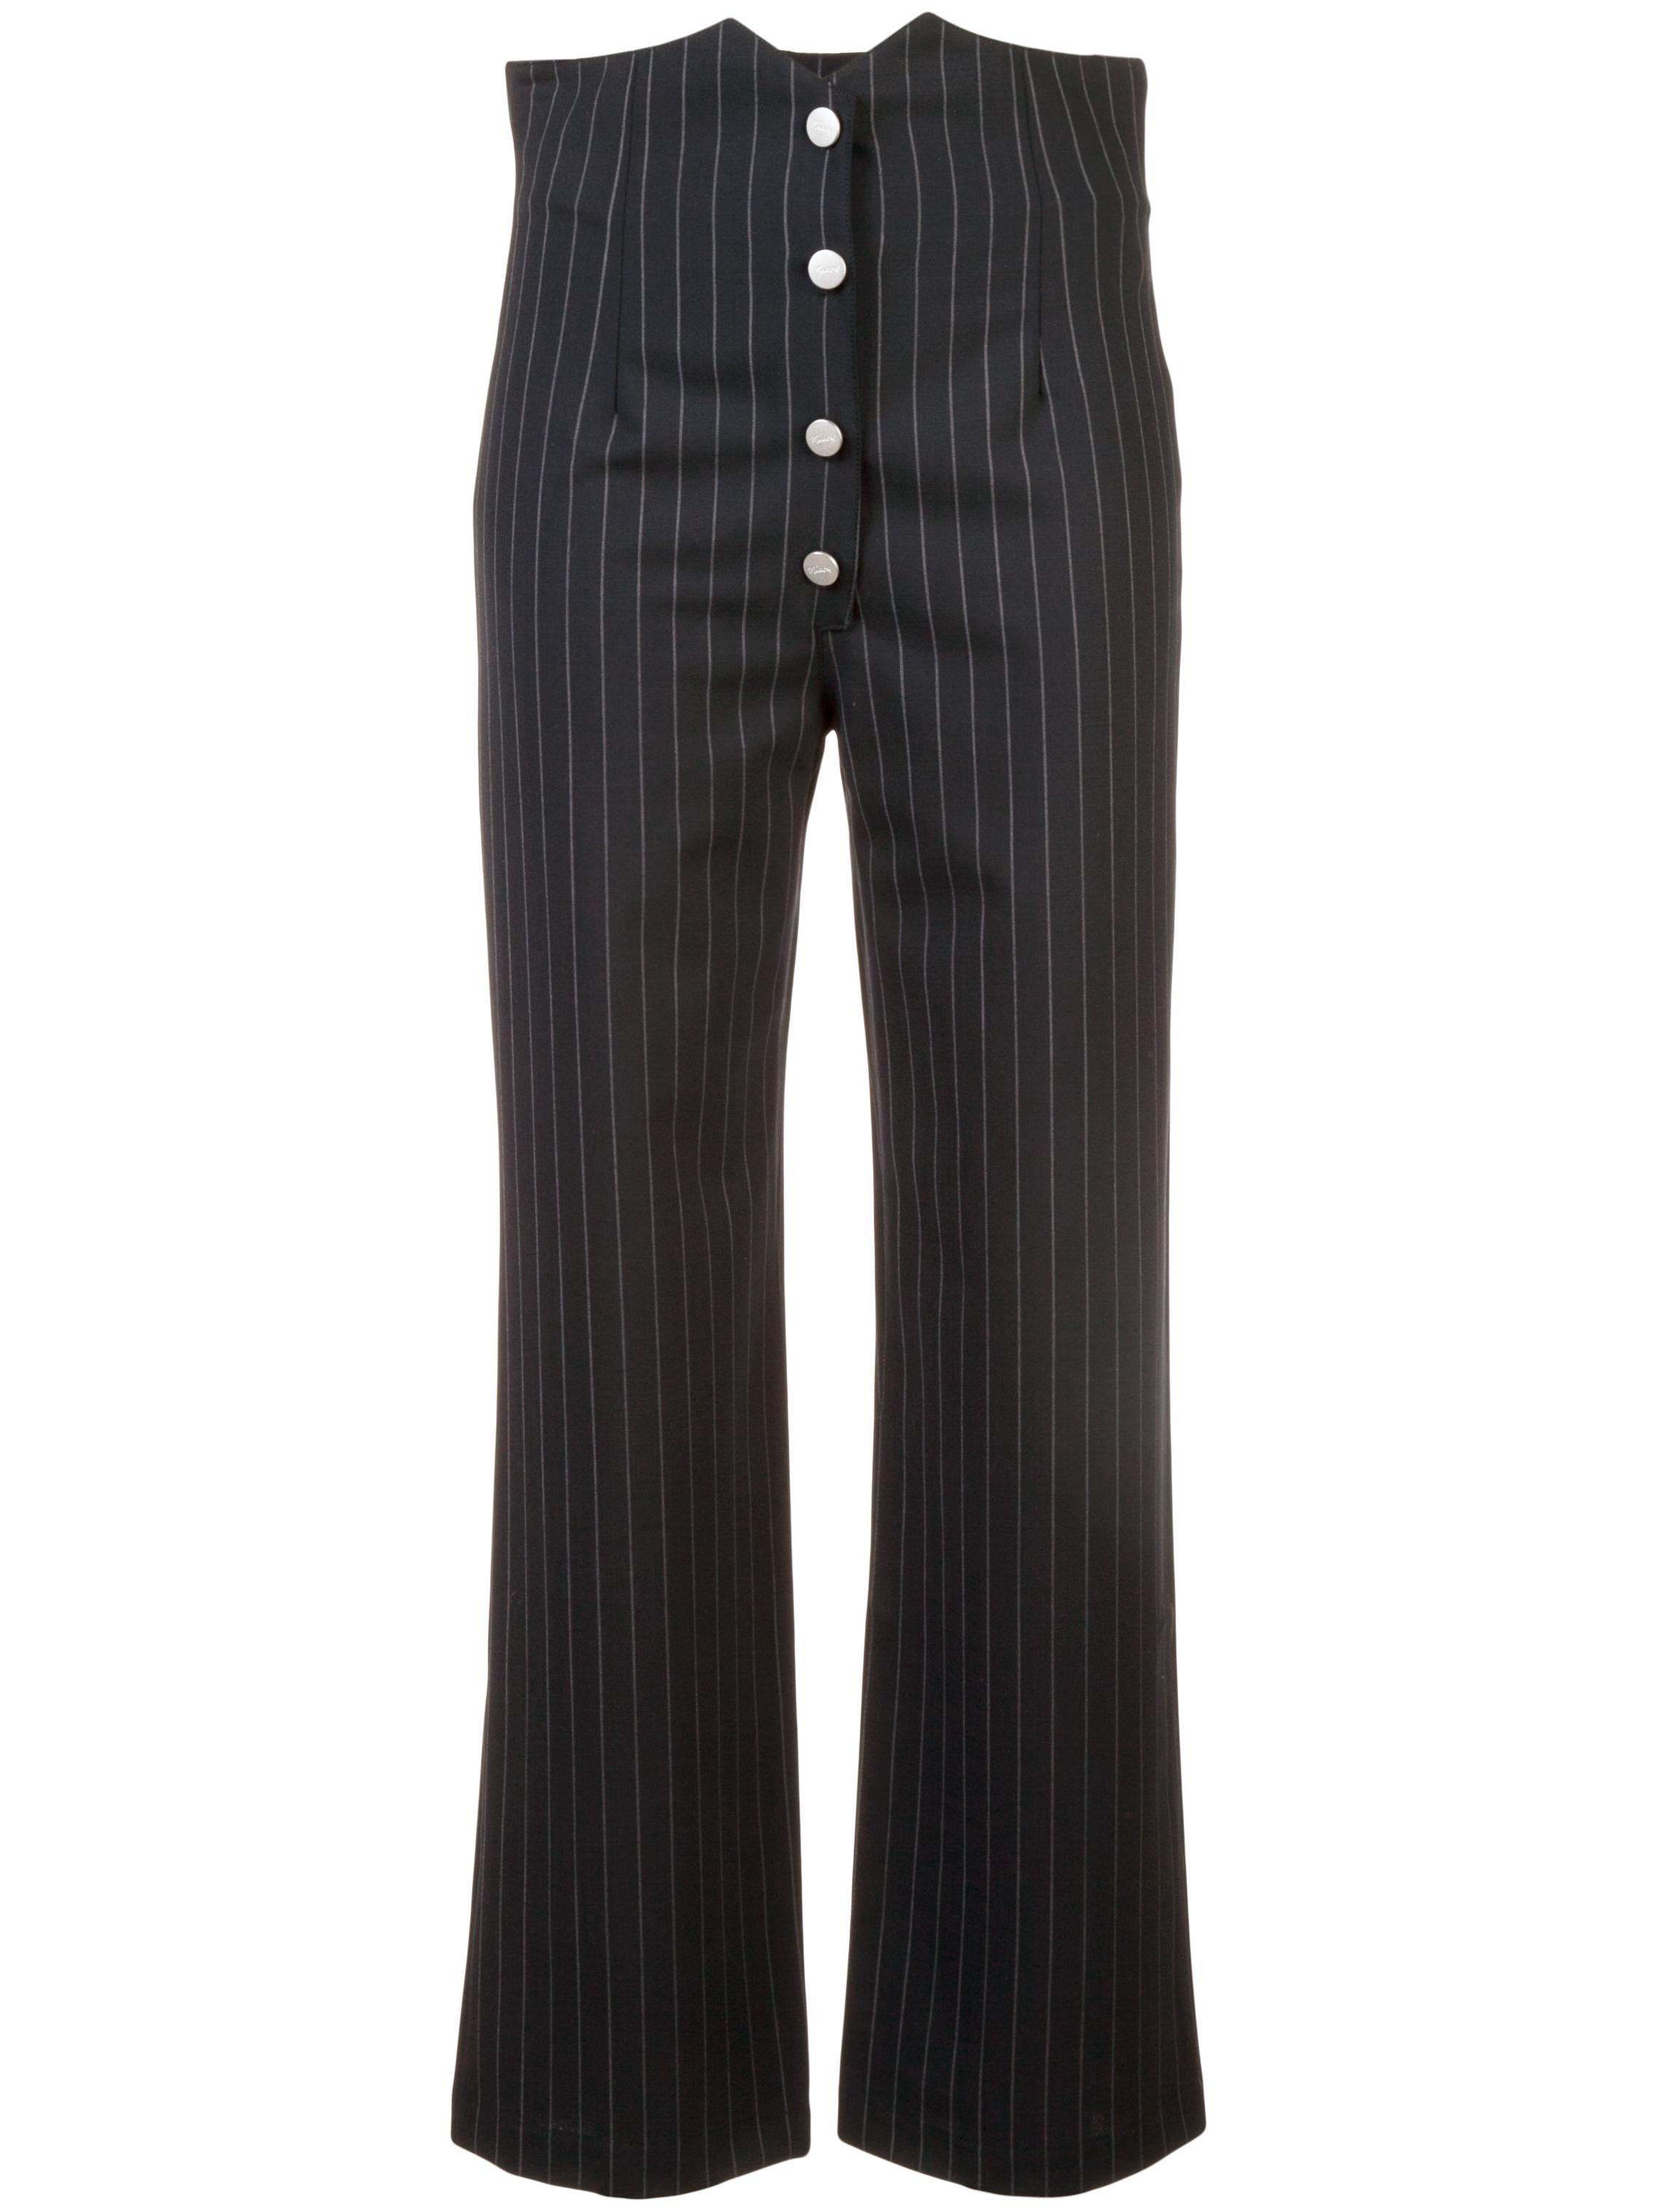 Julia Button Front Pants